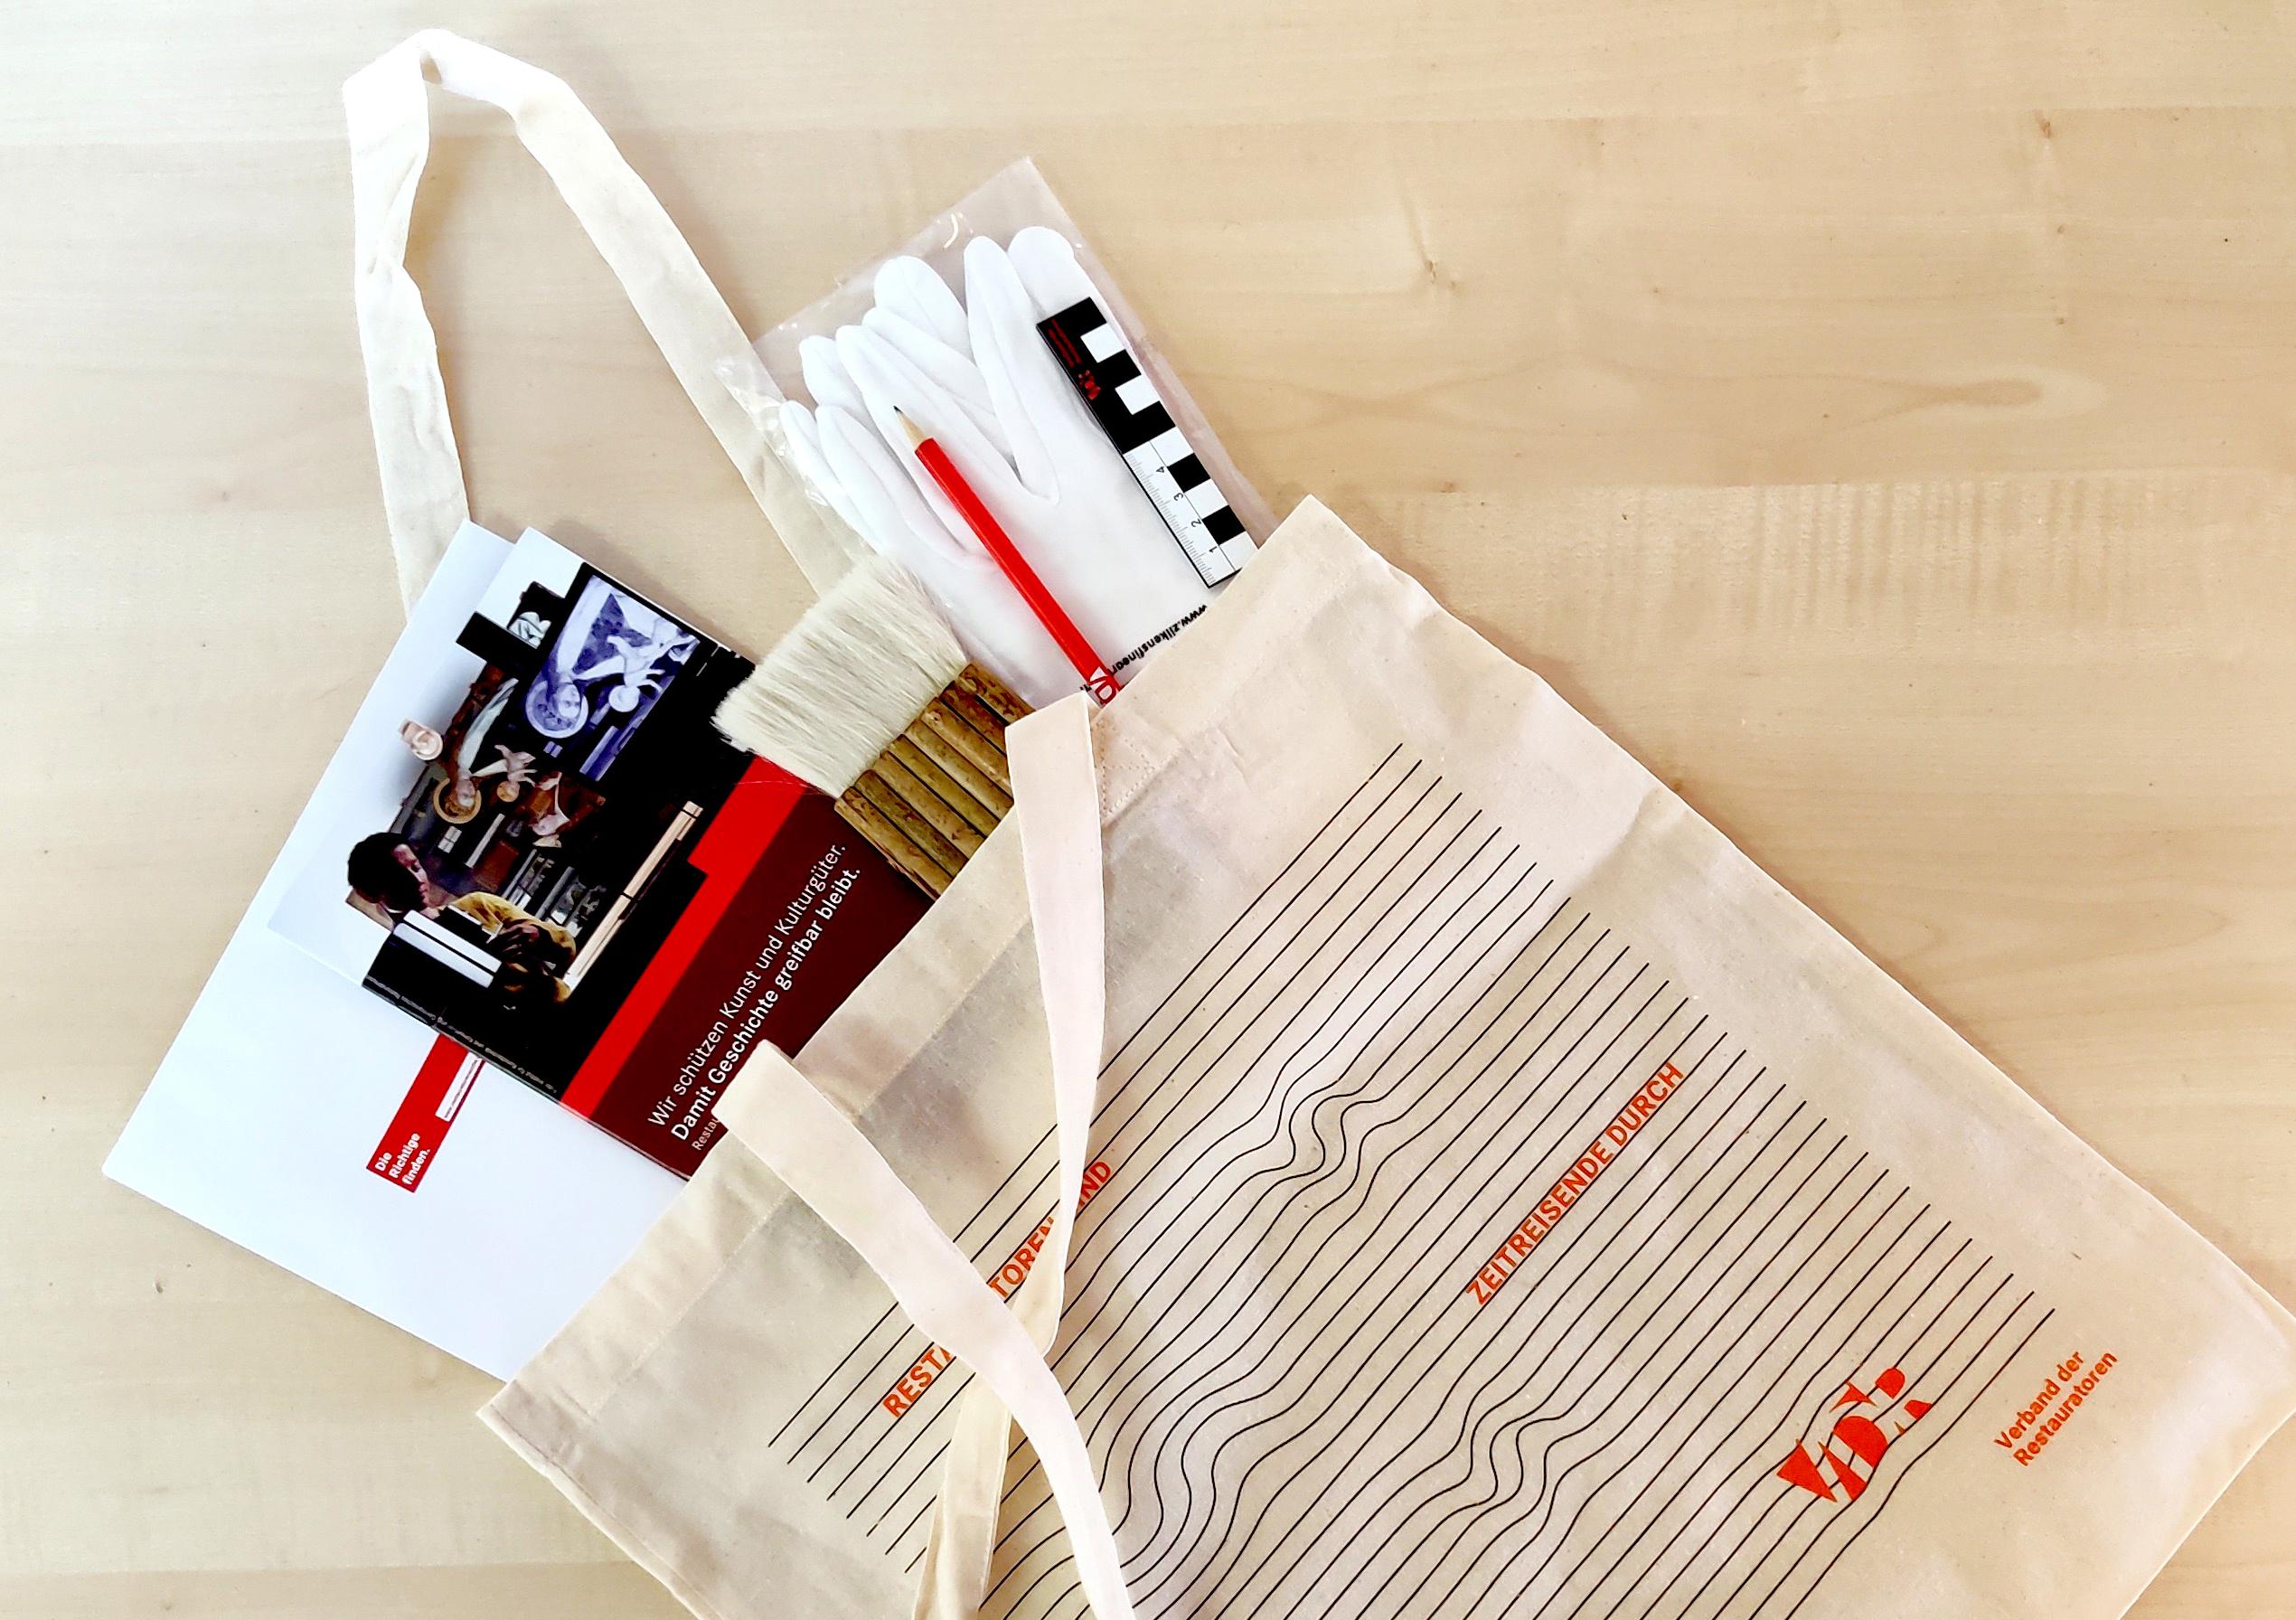 Zur Erstsemester-Begrüßung packt die VDR-Geschäftsstelle Taschen mit Pinseln, Maßstäben, Handschuhen, Stiften, Blöcken und Informationsmaterial.